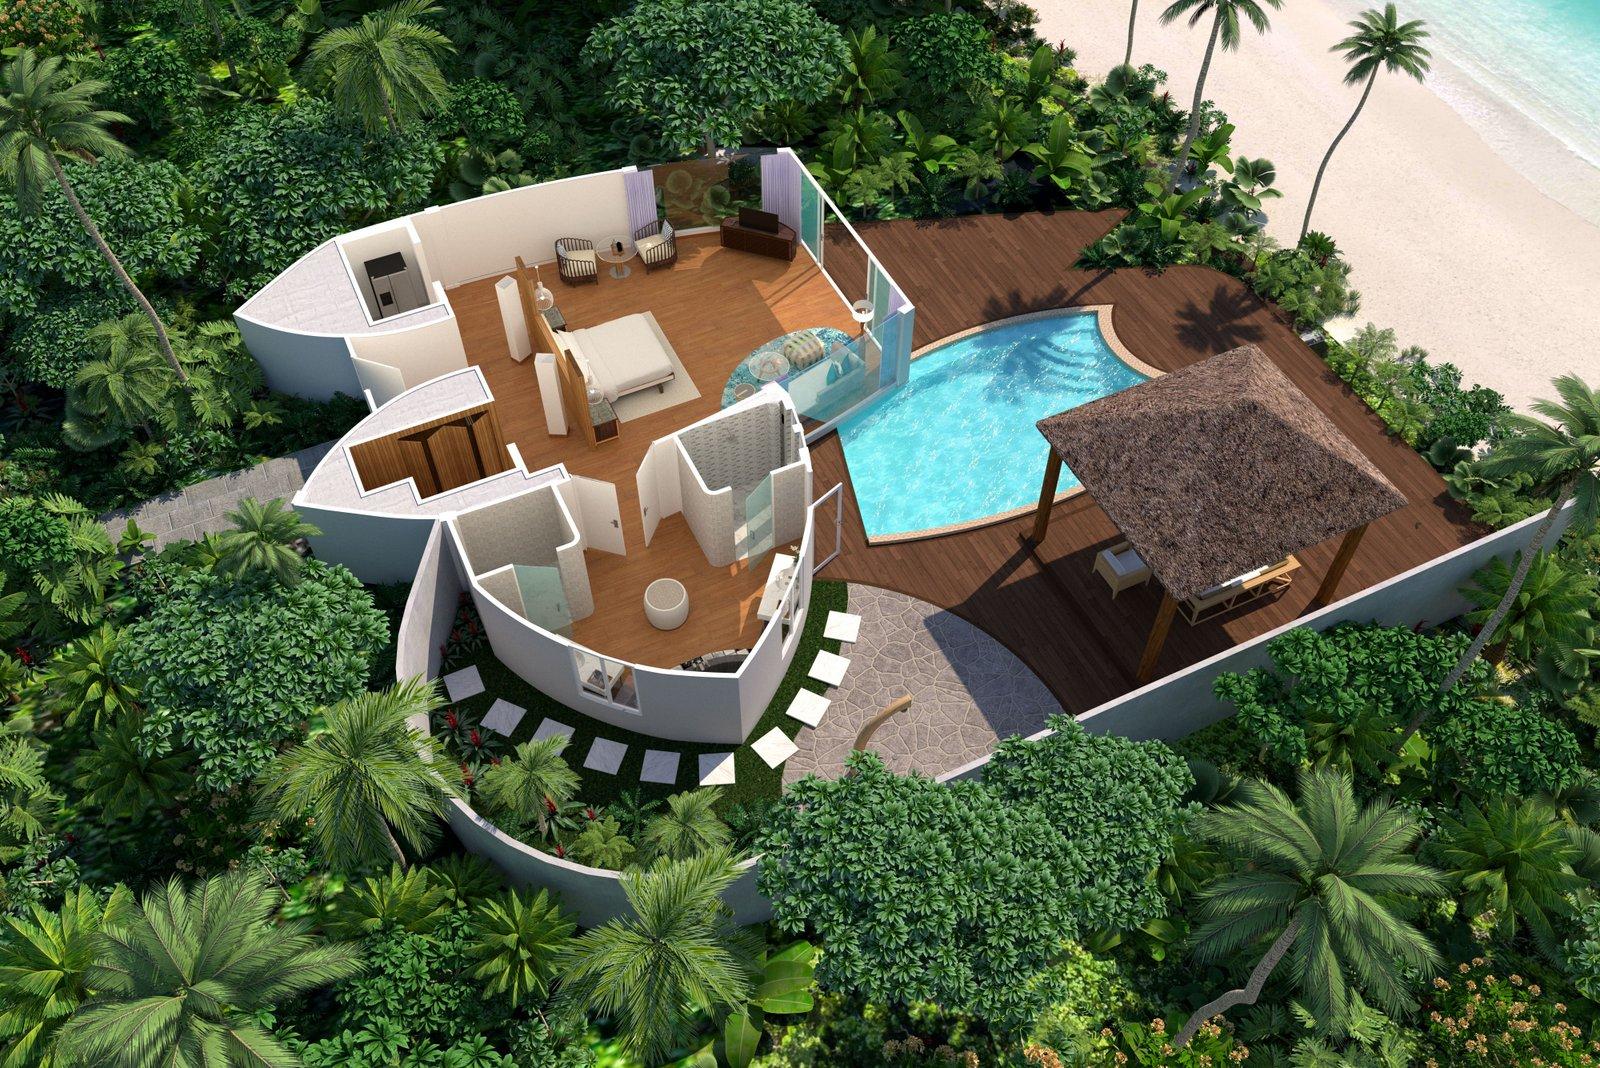 Мальдивы, отель JW Marriott Maldives Resort, план-схема номера Beach Pool Villa